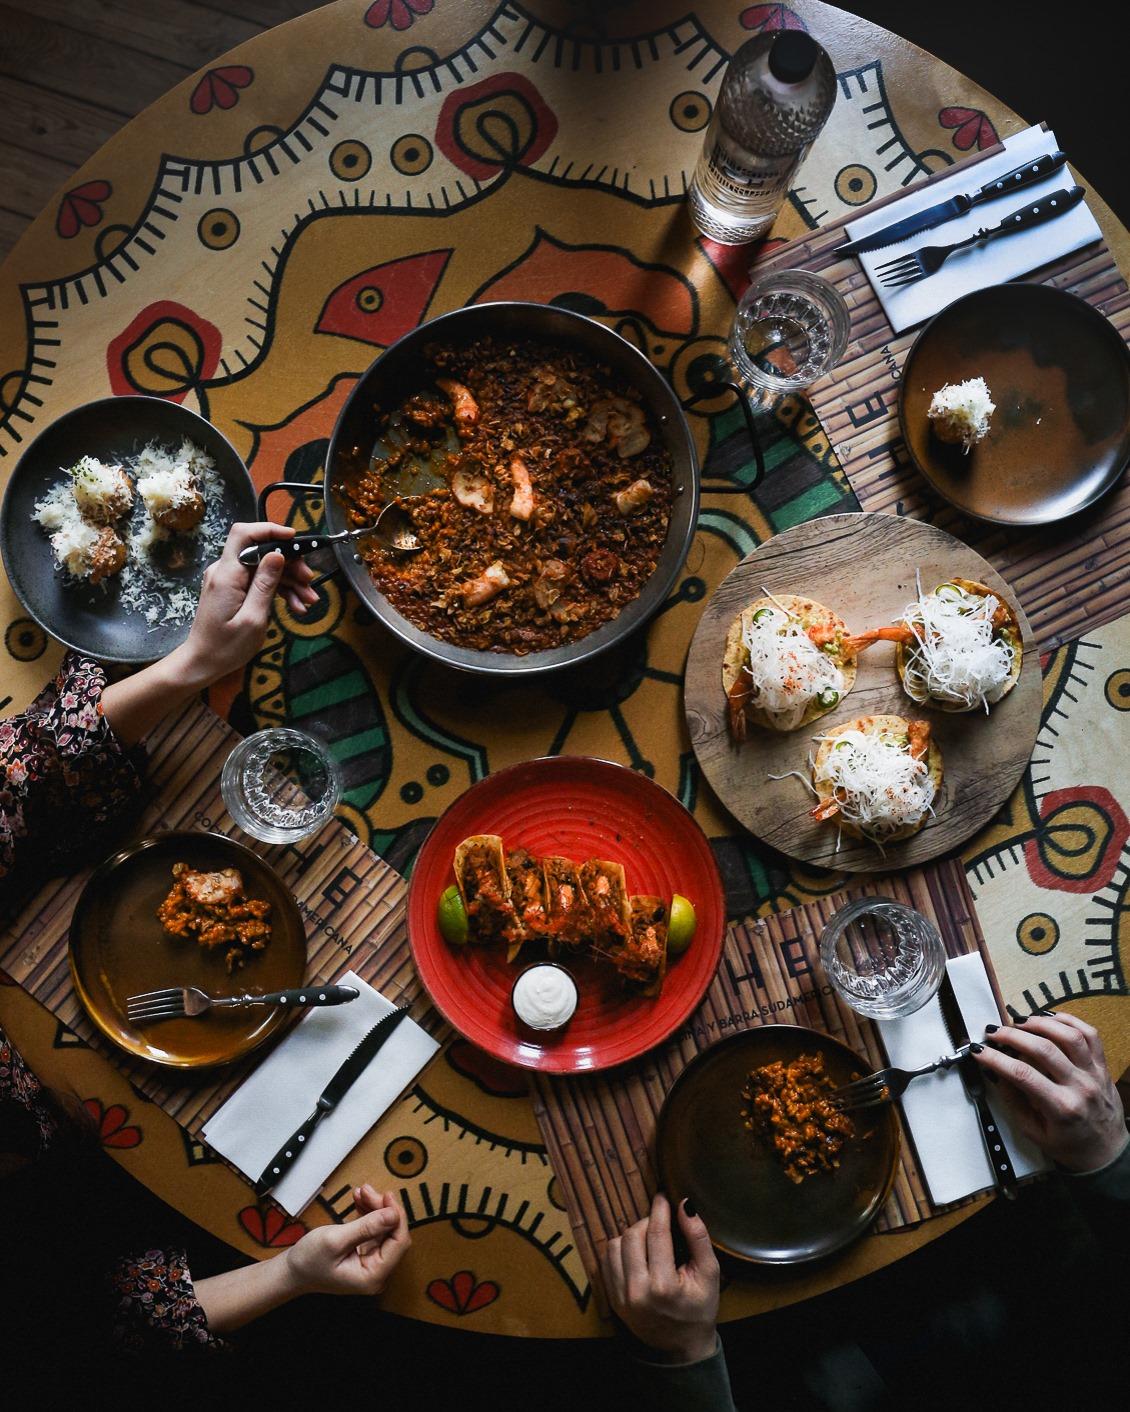 Άλλος κόσμος: Το μαγαζί με τα πιάτα και τα κρεατικά που δεν έχεις ξαναδοκιμάσει (Pics)